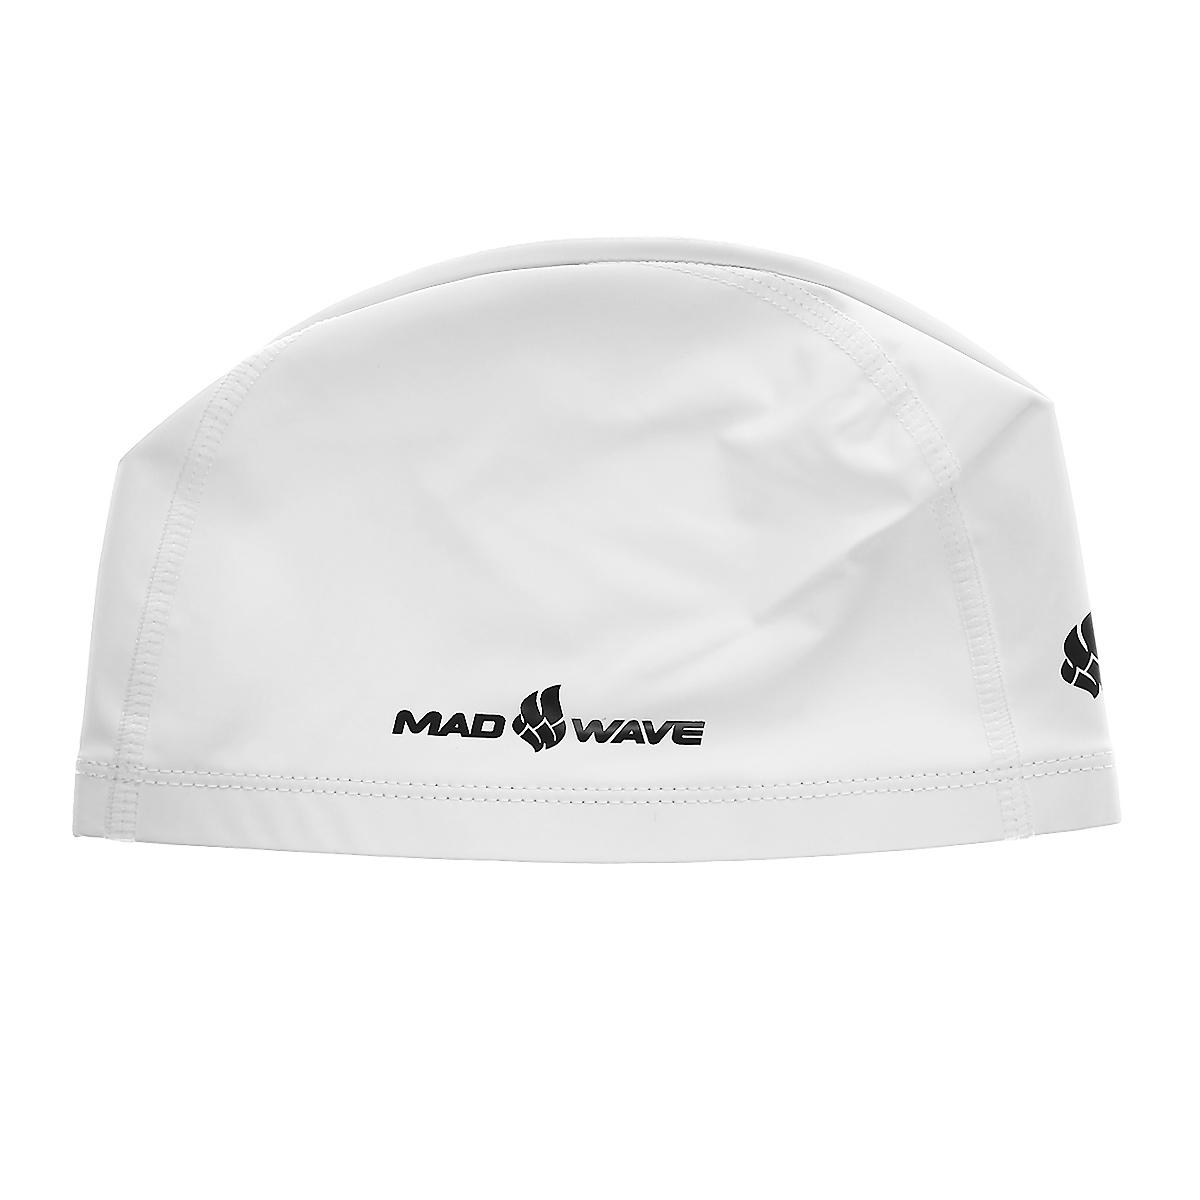 Шапочка для плавания Mad Wave PUT Coated, цвет: белыйSF147A-1137Текстильная шапочка Mad Wave PUT Coated с полиуретановым покрытием. Лучший выбор для ежедневных тренировок. Легкая и эргономичая. Легко снимается и надевается, хорошо садится по форме головы и очень комфортна, благодаря комбинации нескольких материалов.